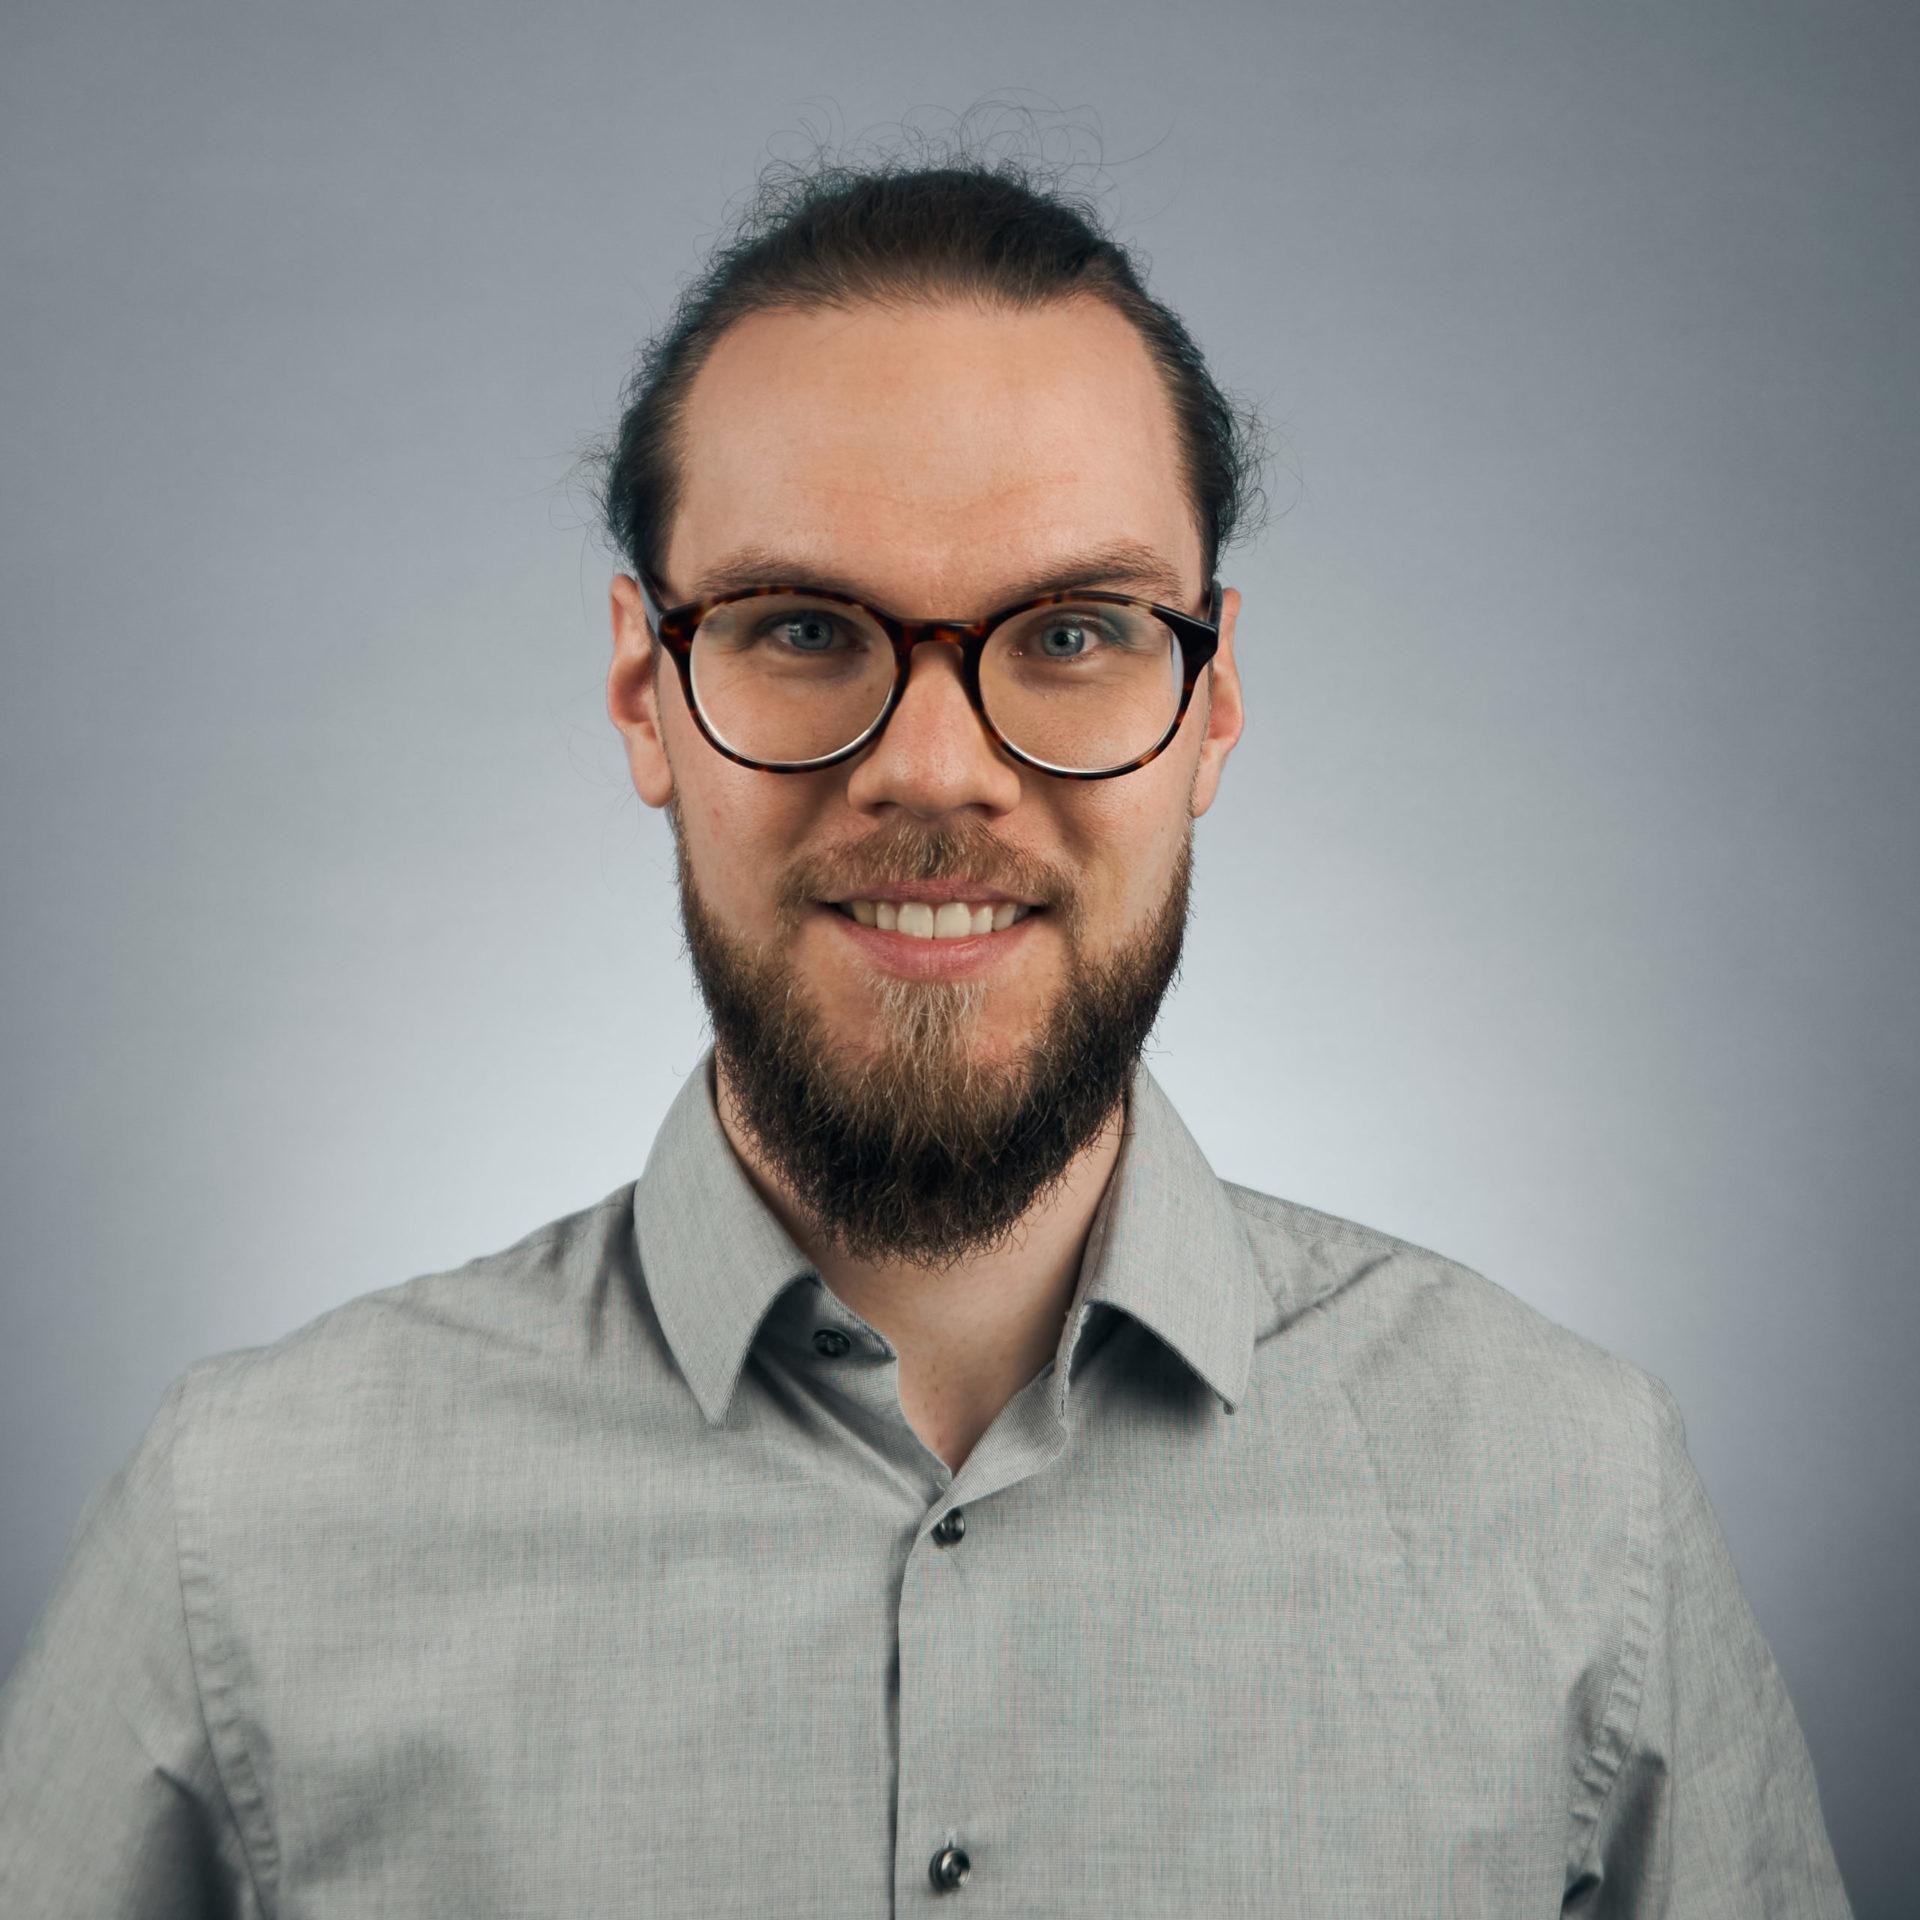 Felix Ueckermann